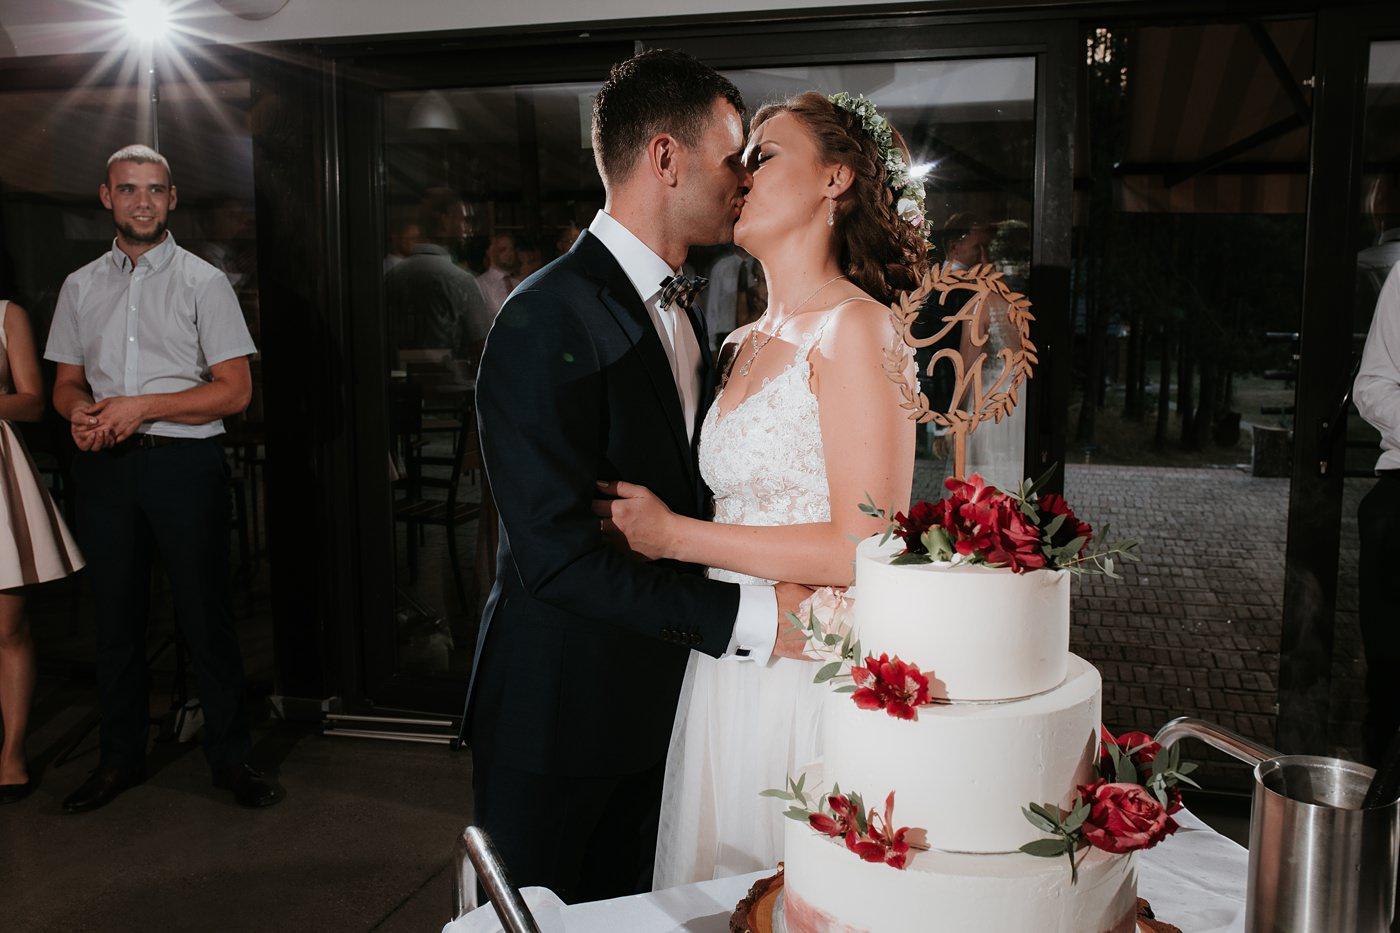 Anna & Wojtek - Ślub cywilny w plenerze - Barnówko w Sam Las 95